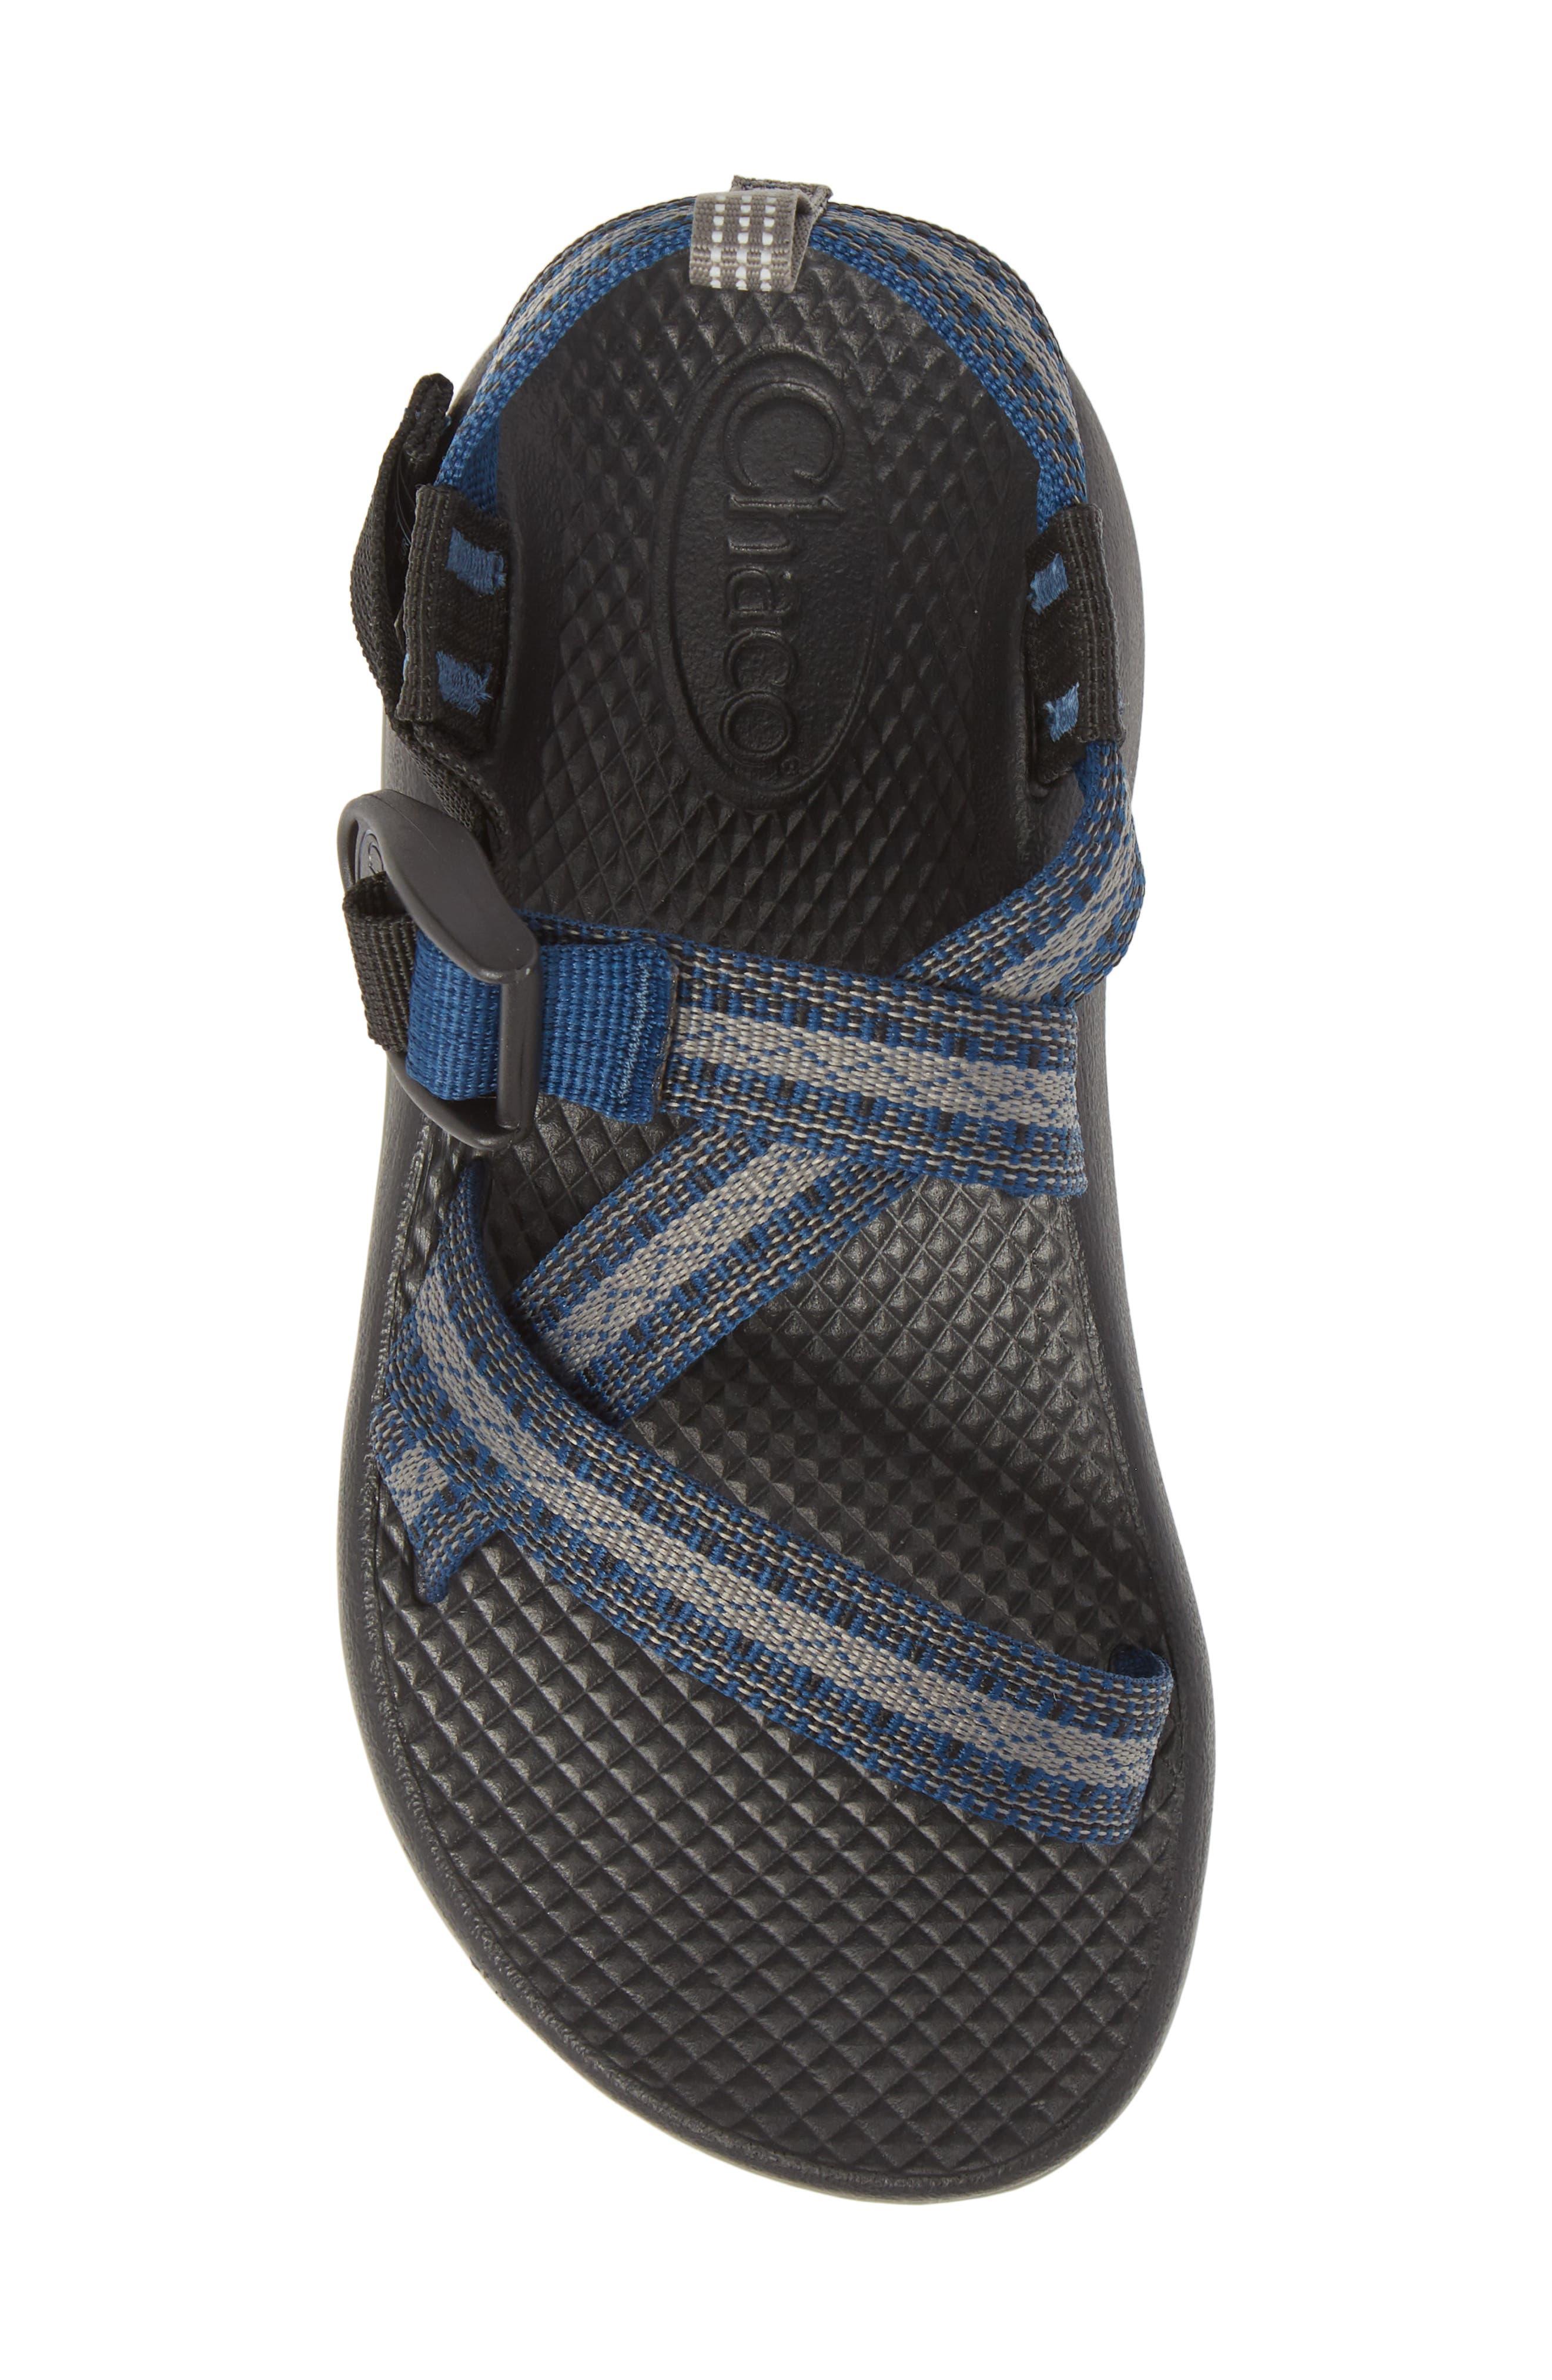 Z/1 Sport Sandal,                             Alternate thumbnail 5, color,                             STAKES